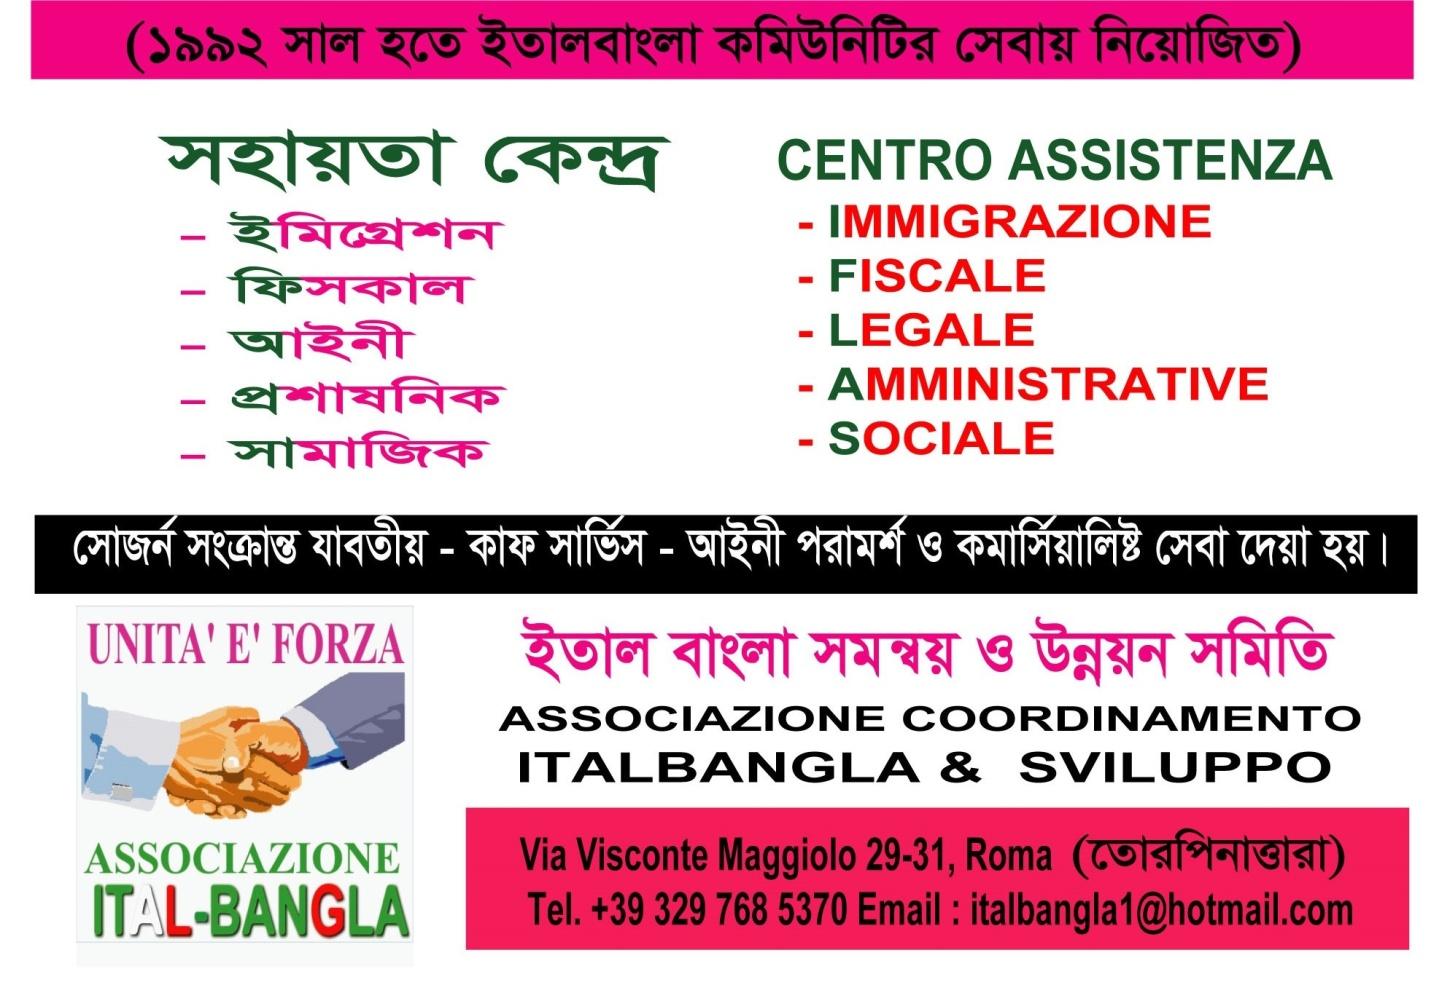 italbangla.net